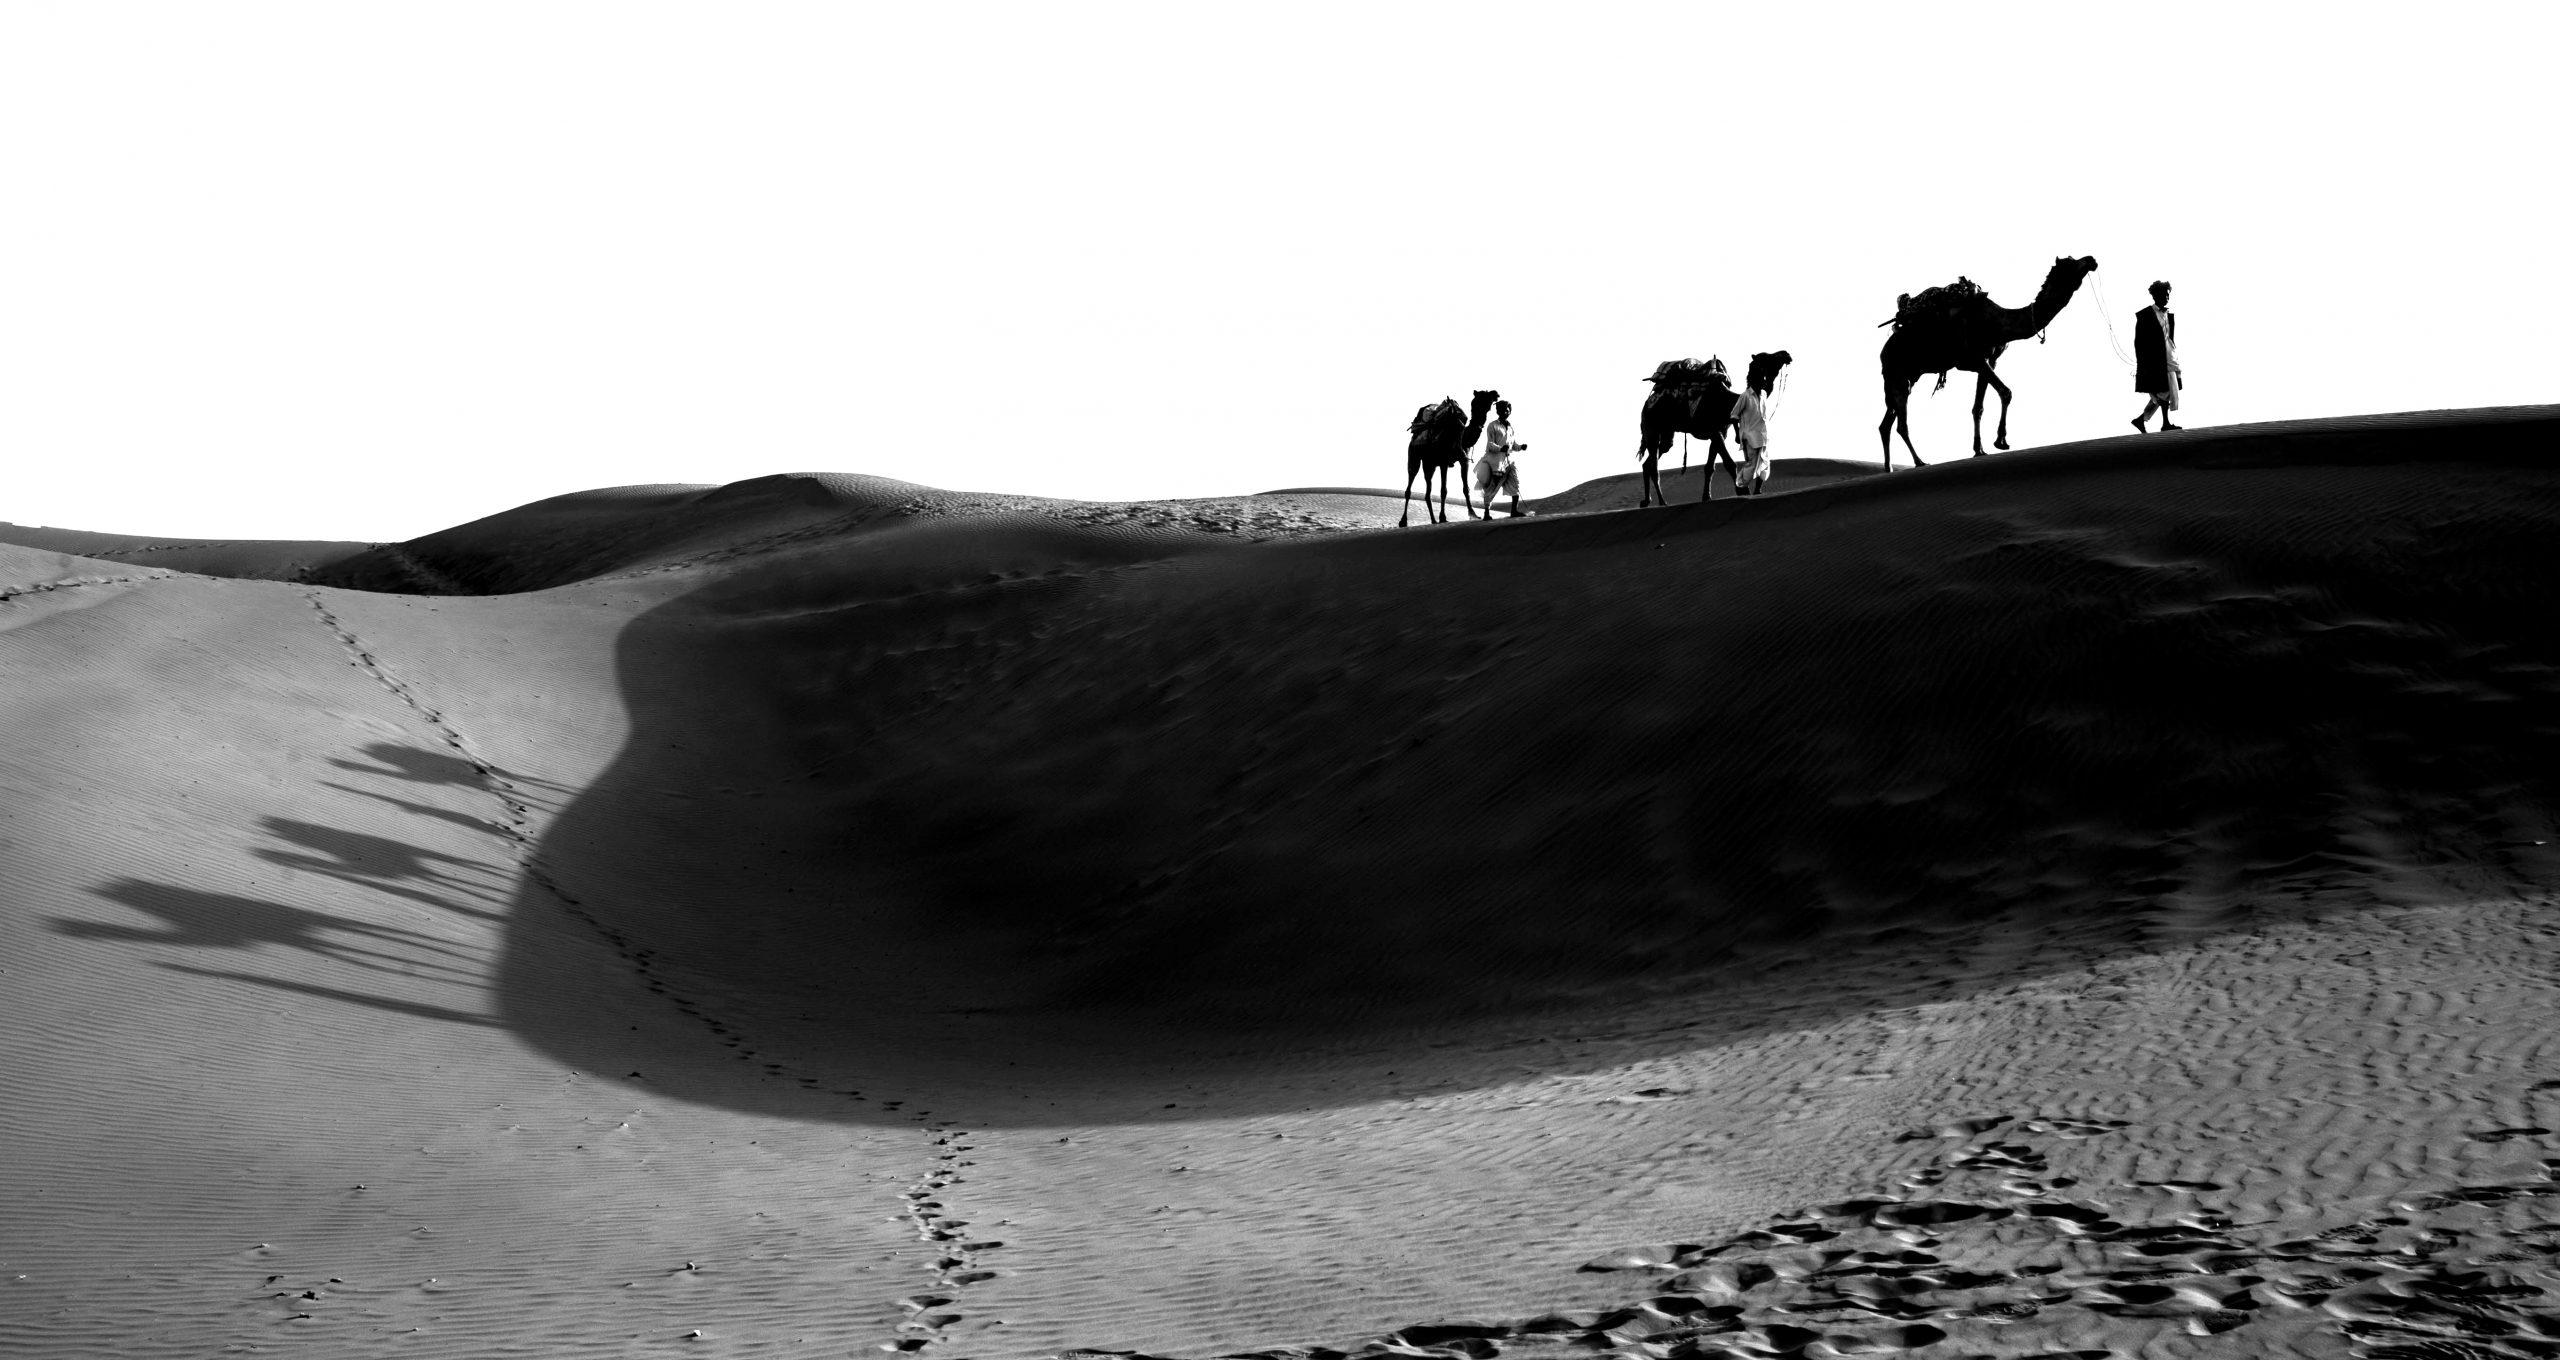 Arabian Camel in the Desert on Black and White